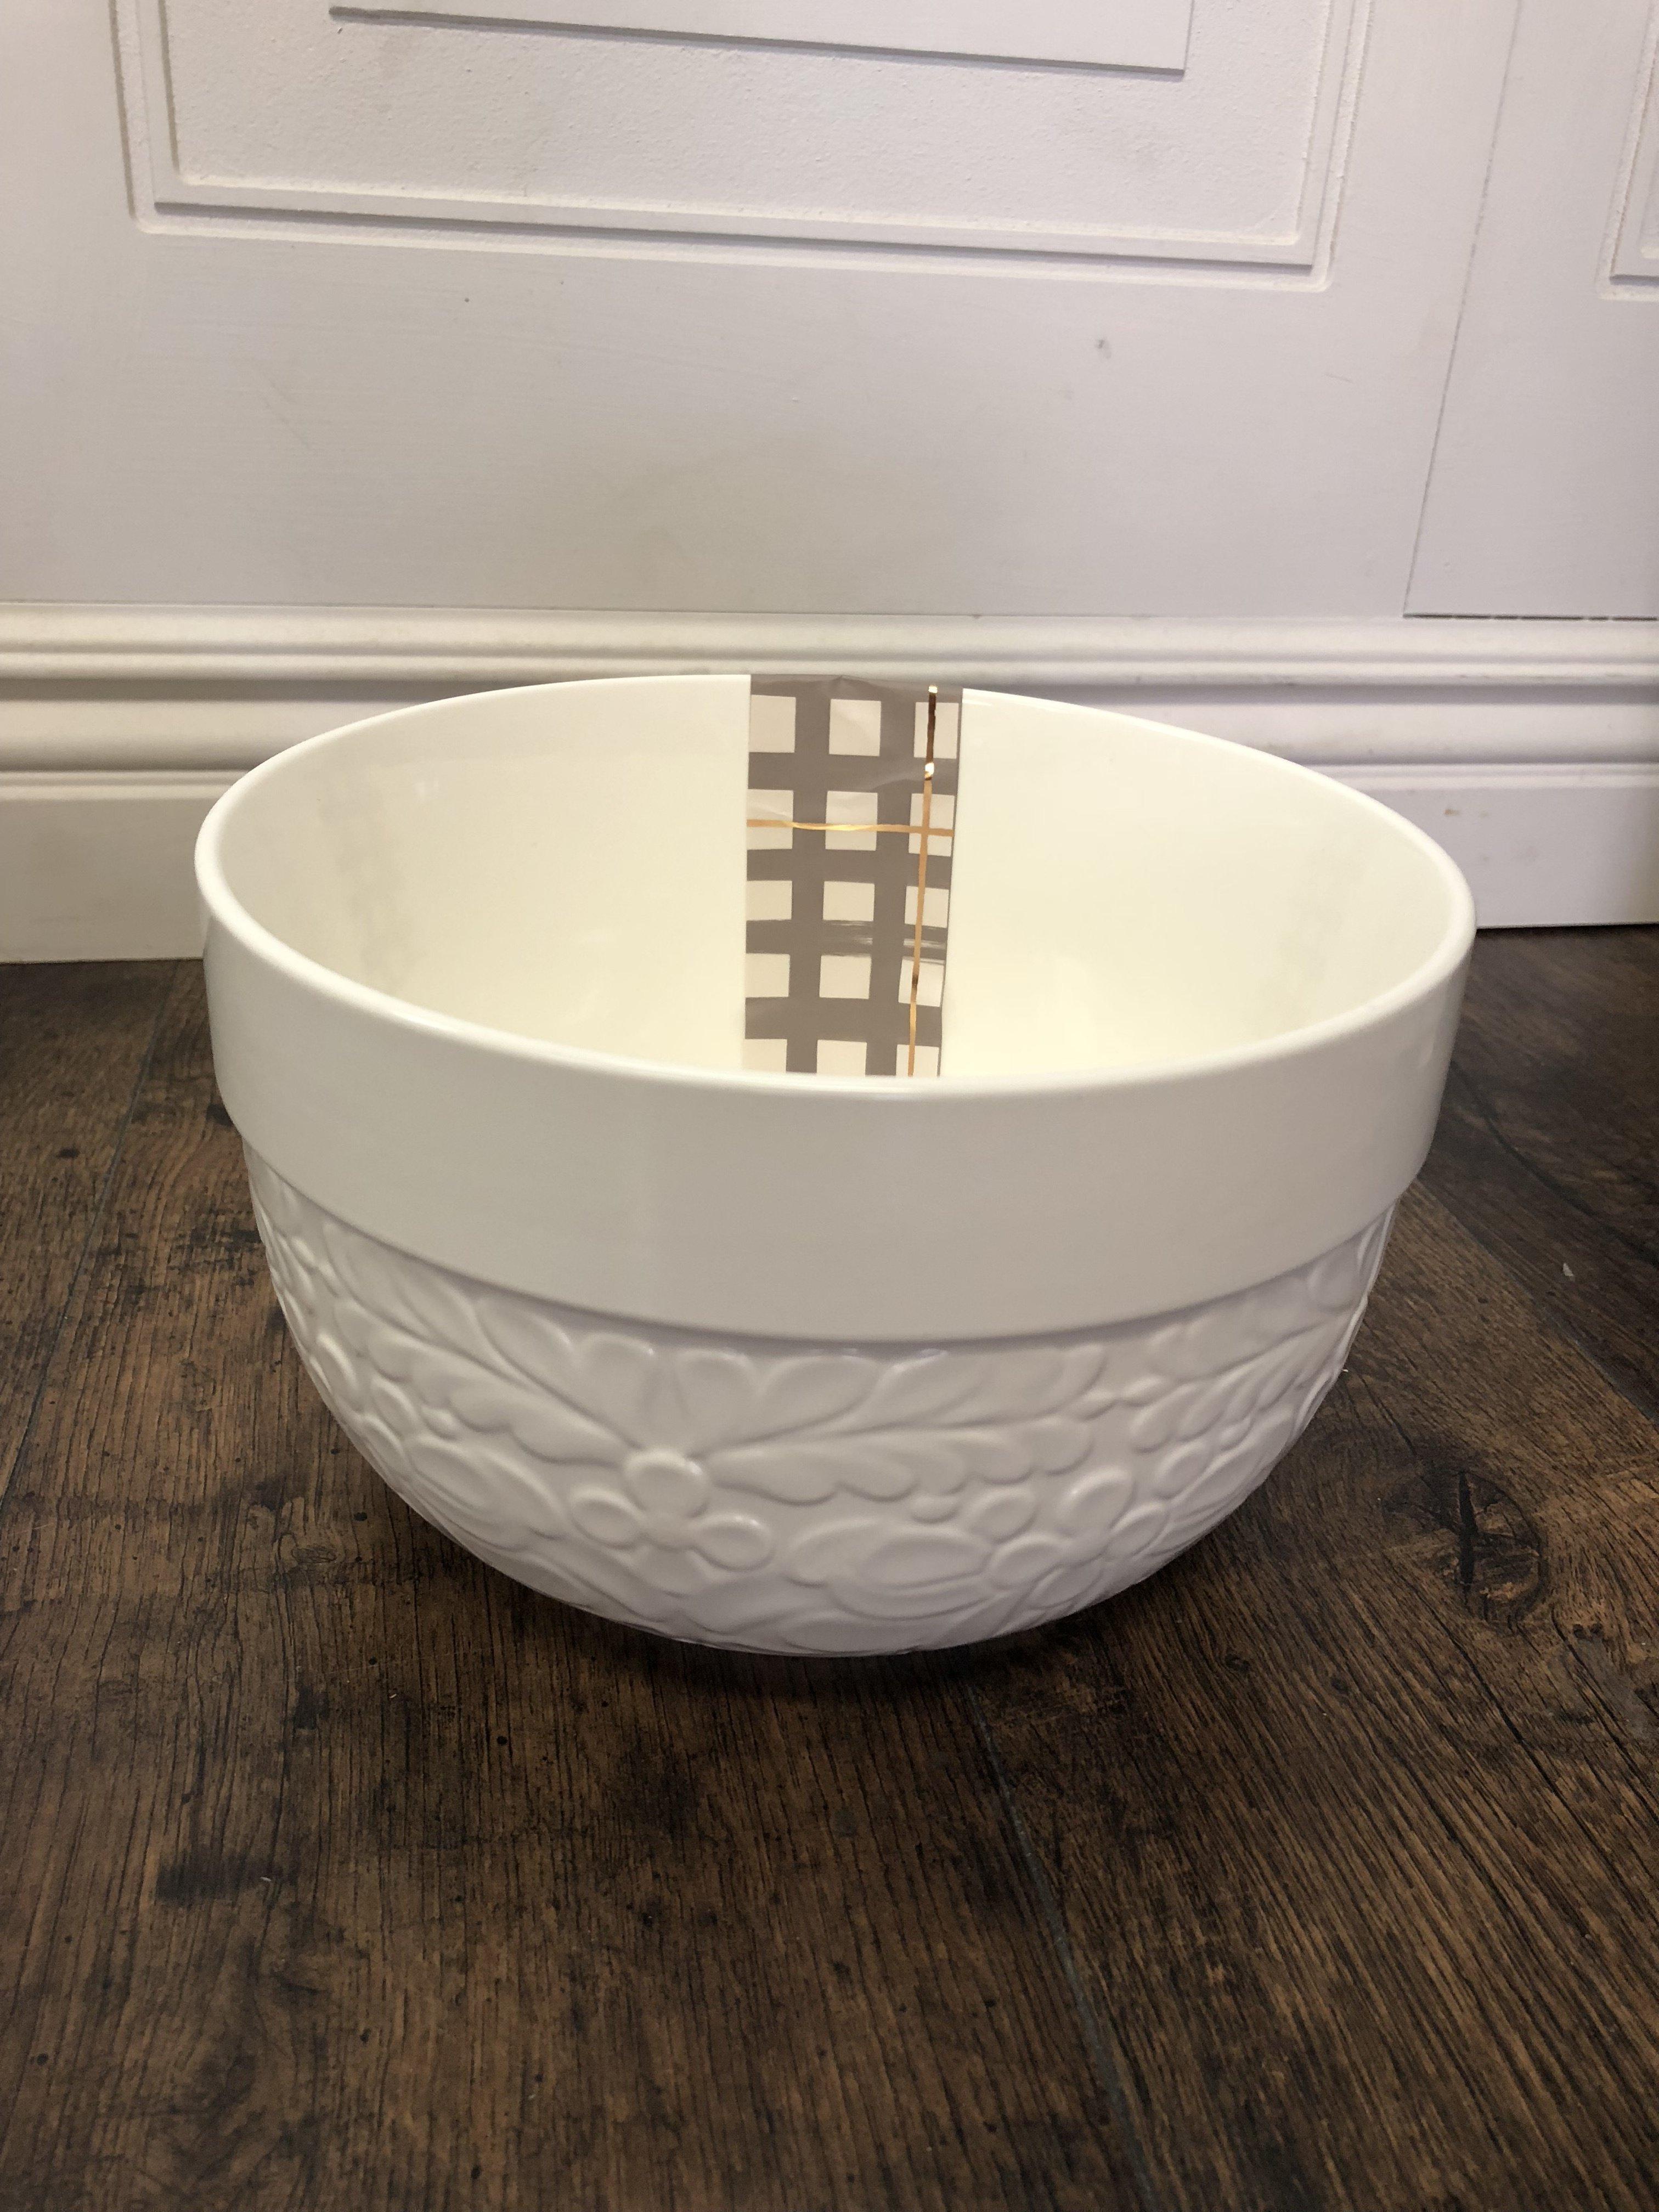 Small Pantry Mixing Bowl 842094155200